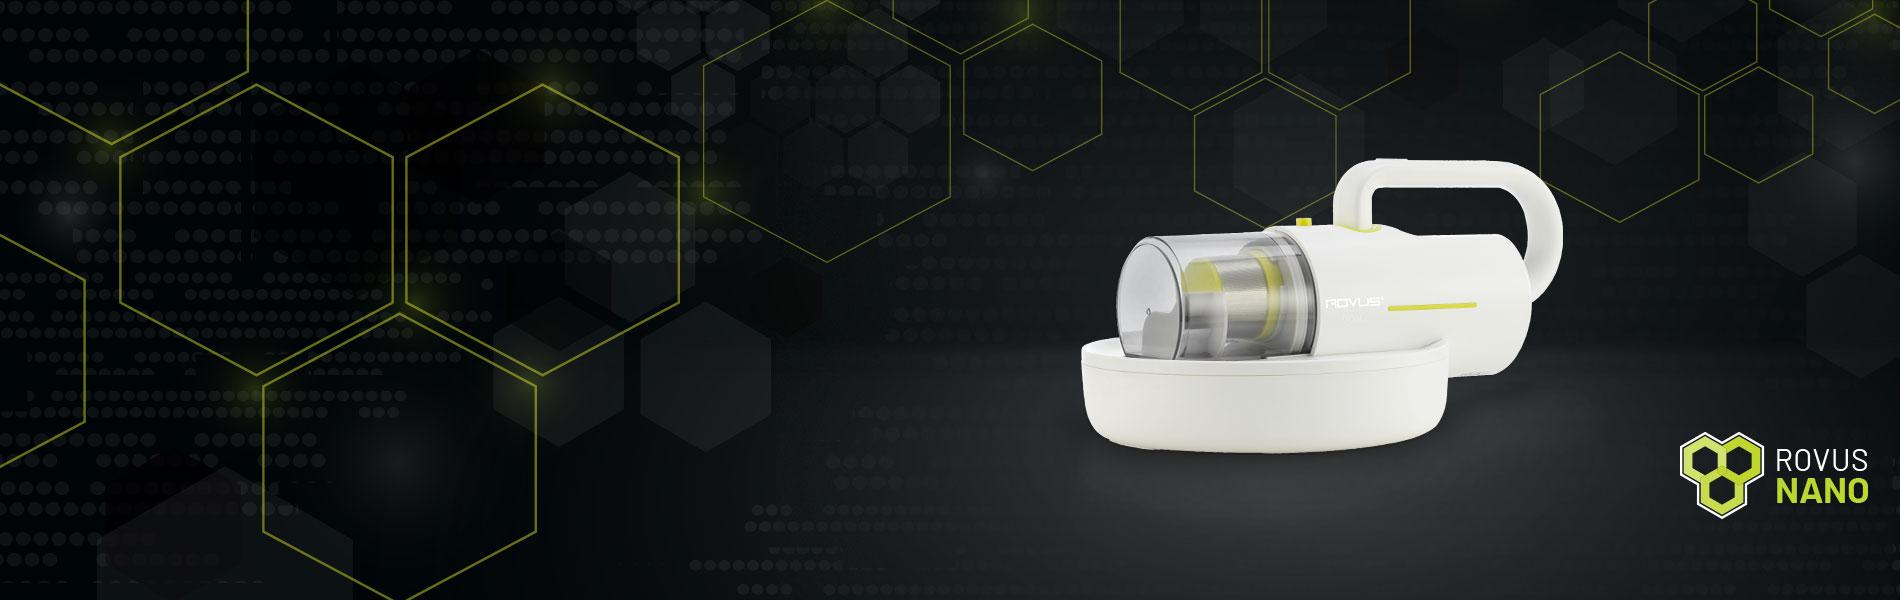 Rovus Nano UV VAC